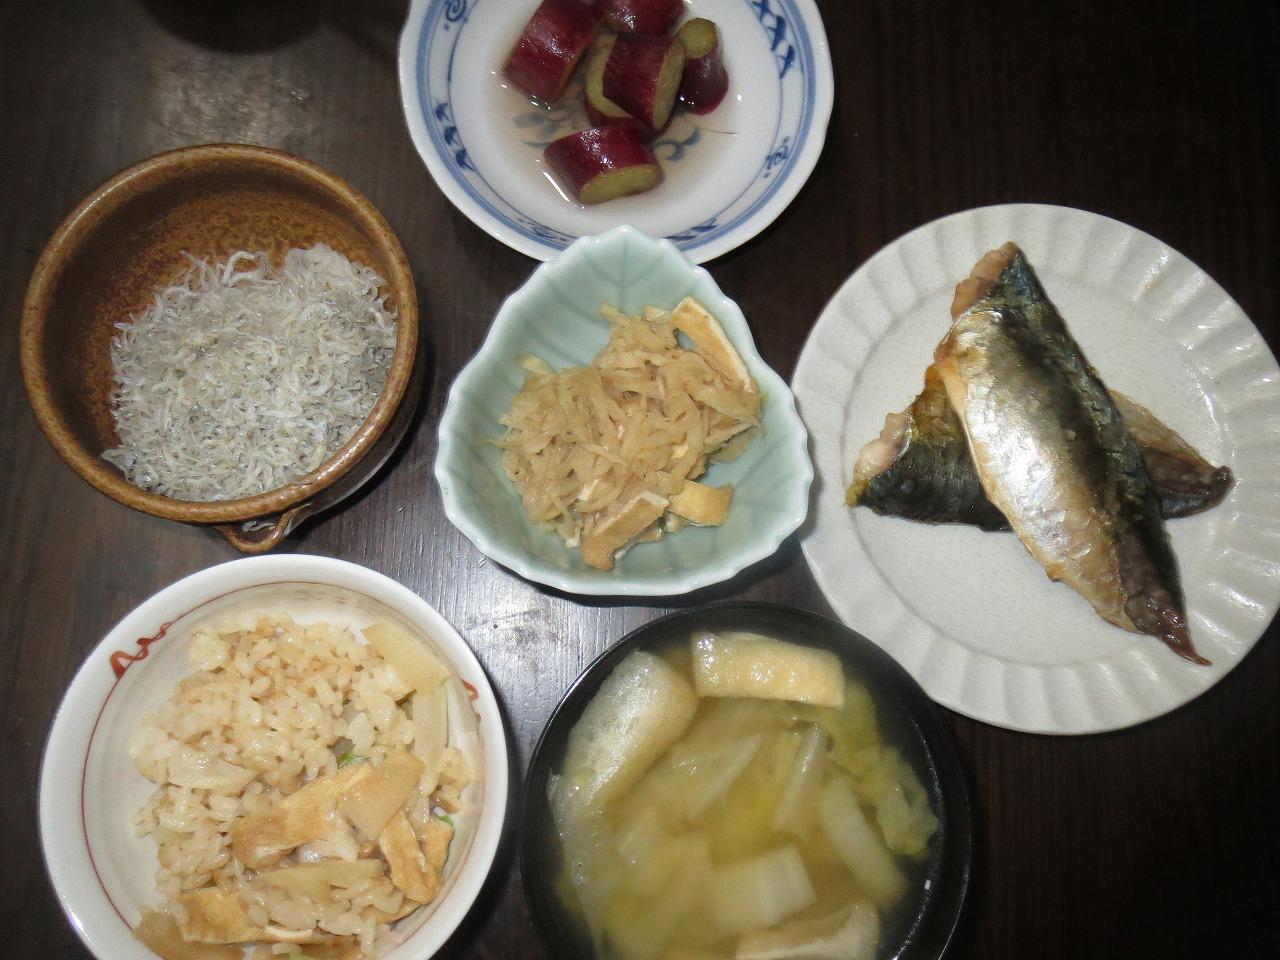 あじ、大根飯、切干大根、雑魚、芋